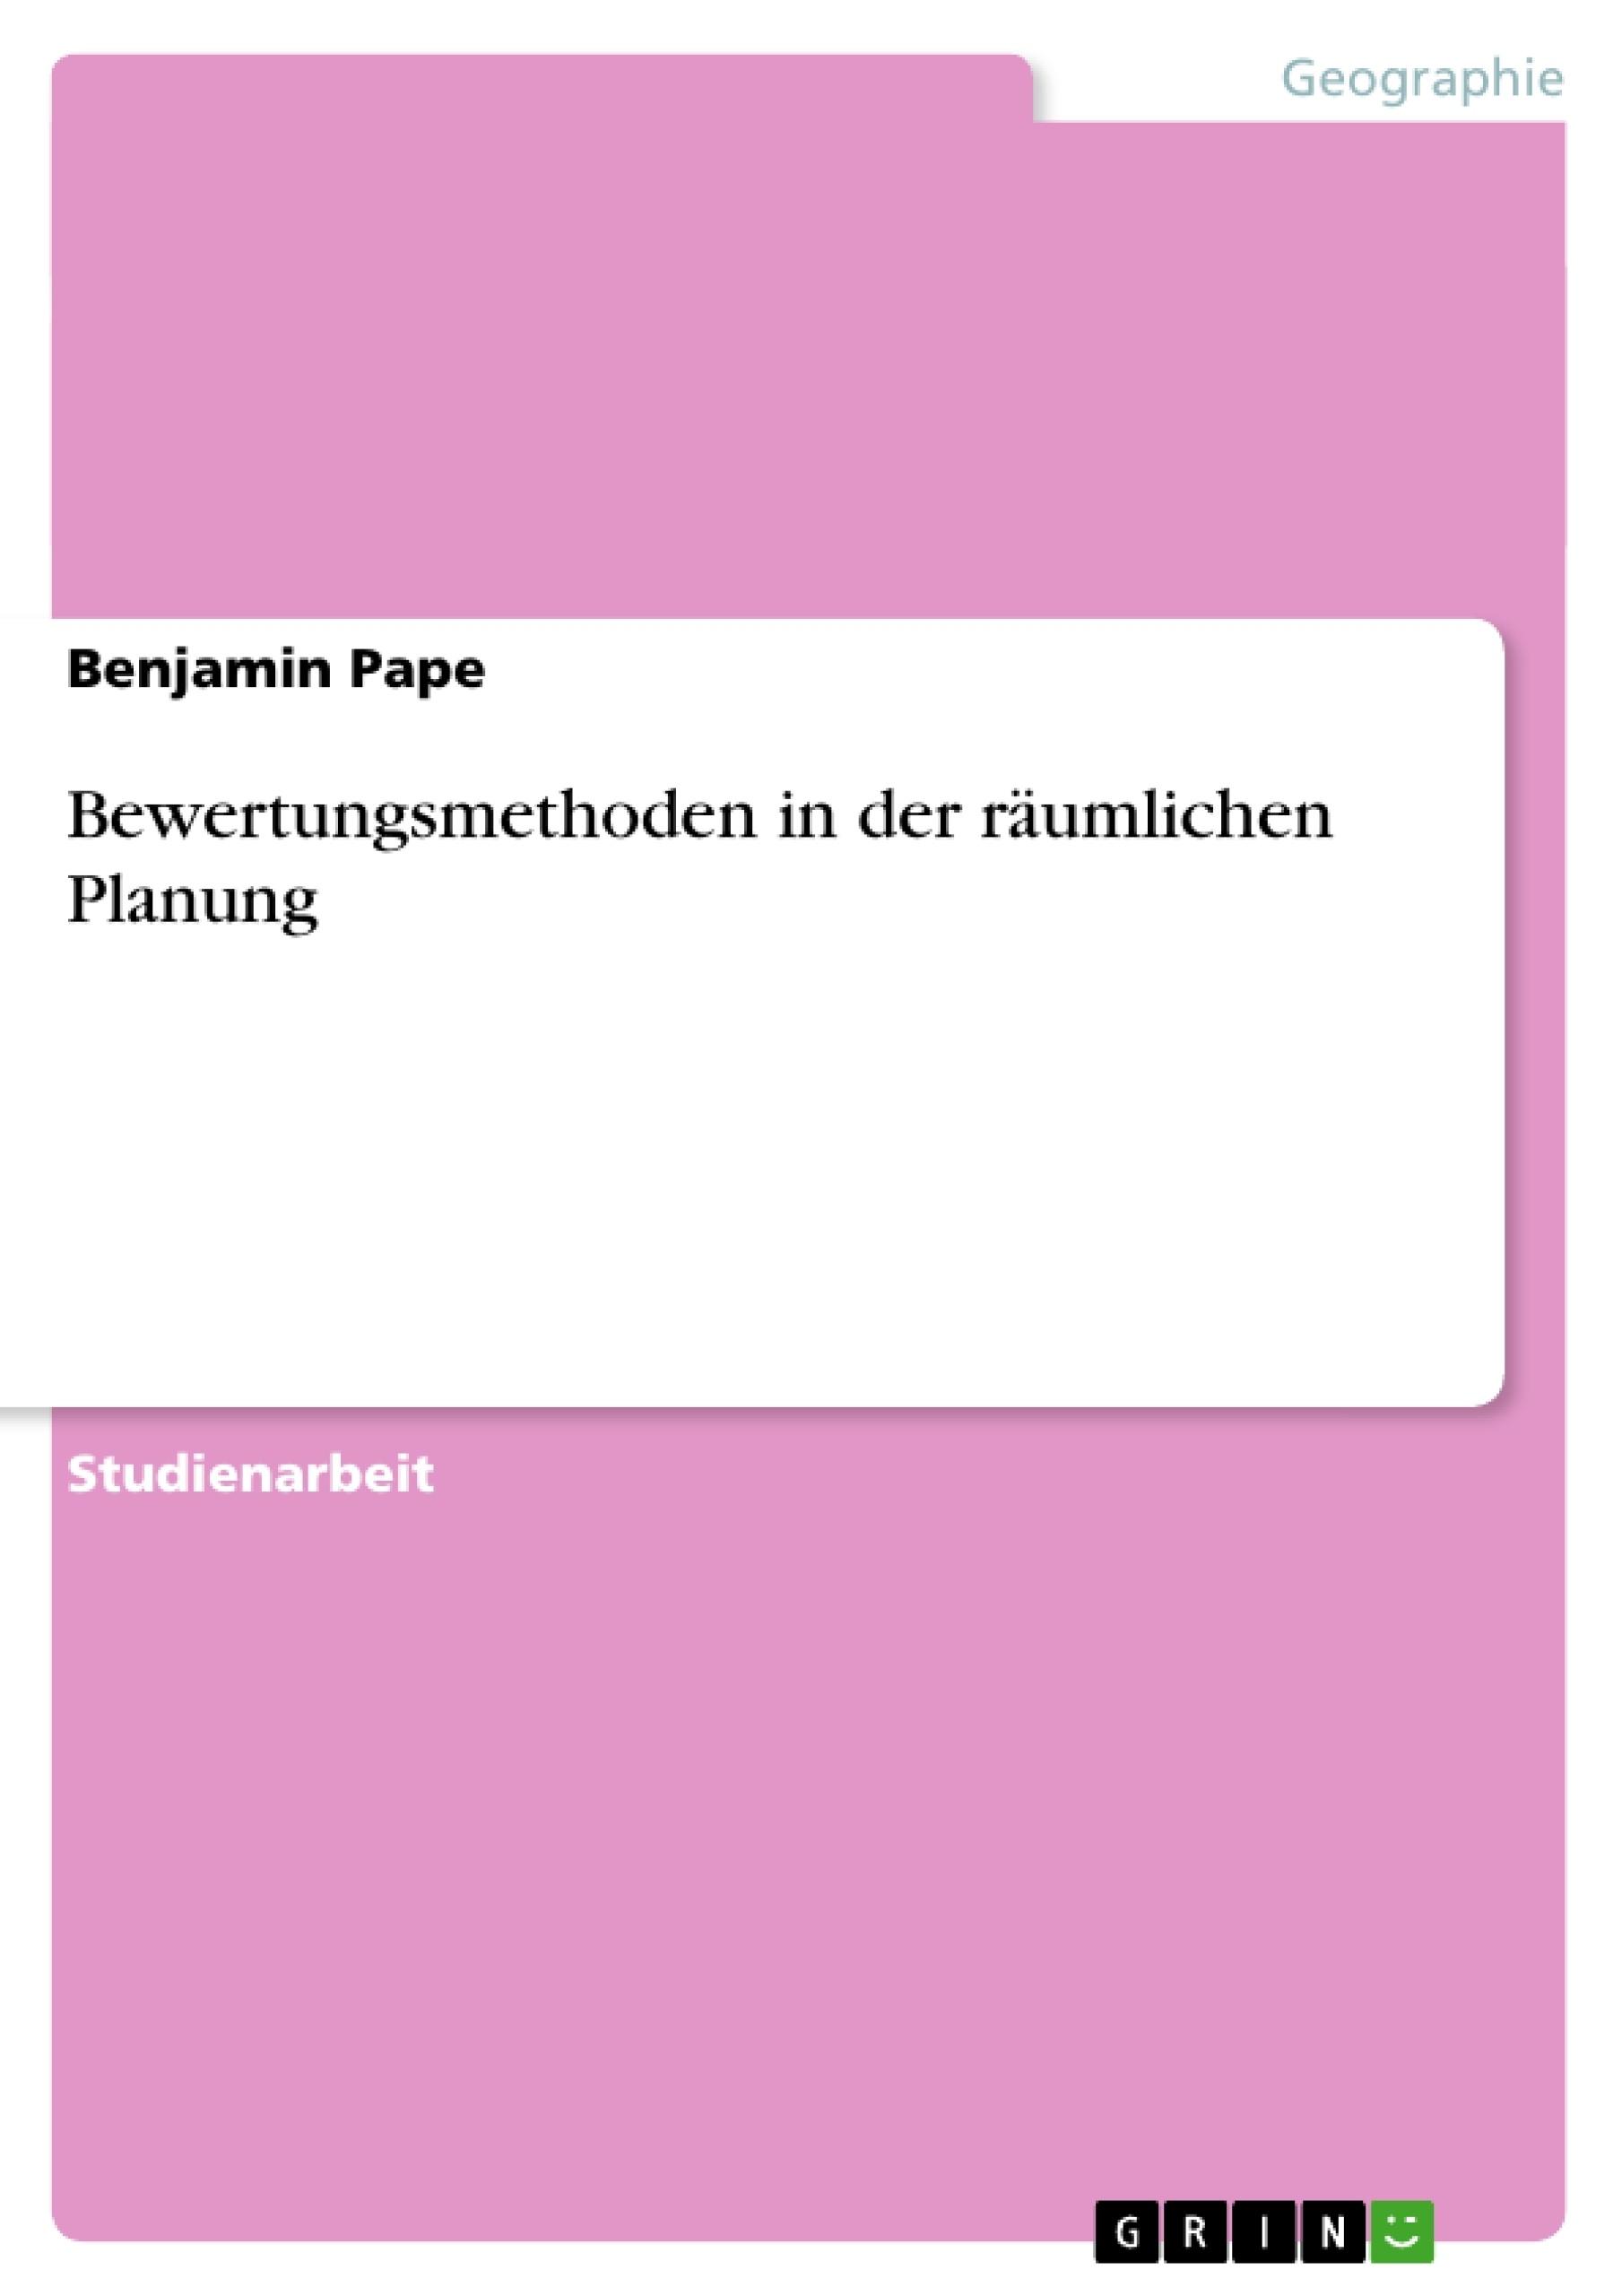 Titel: Bewertungsmethoden in der räumlichen Planung